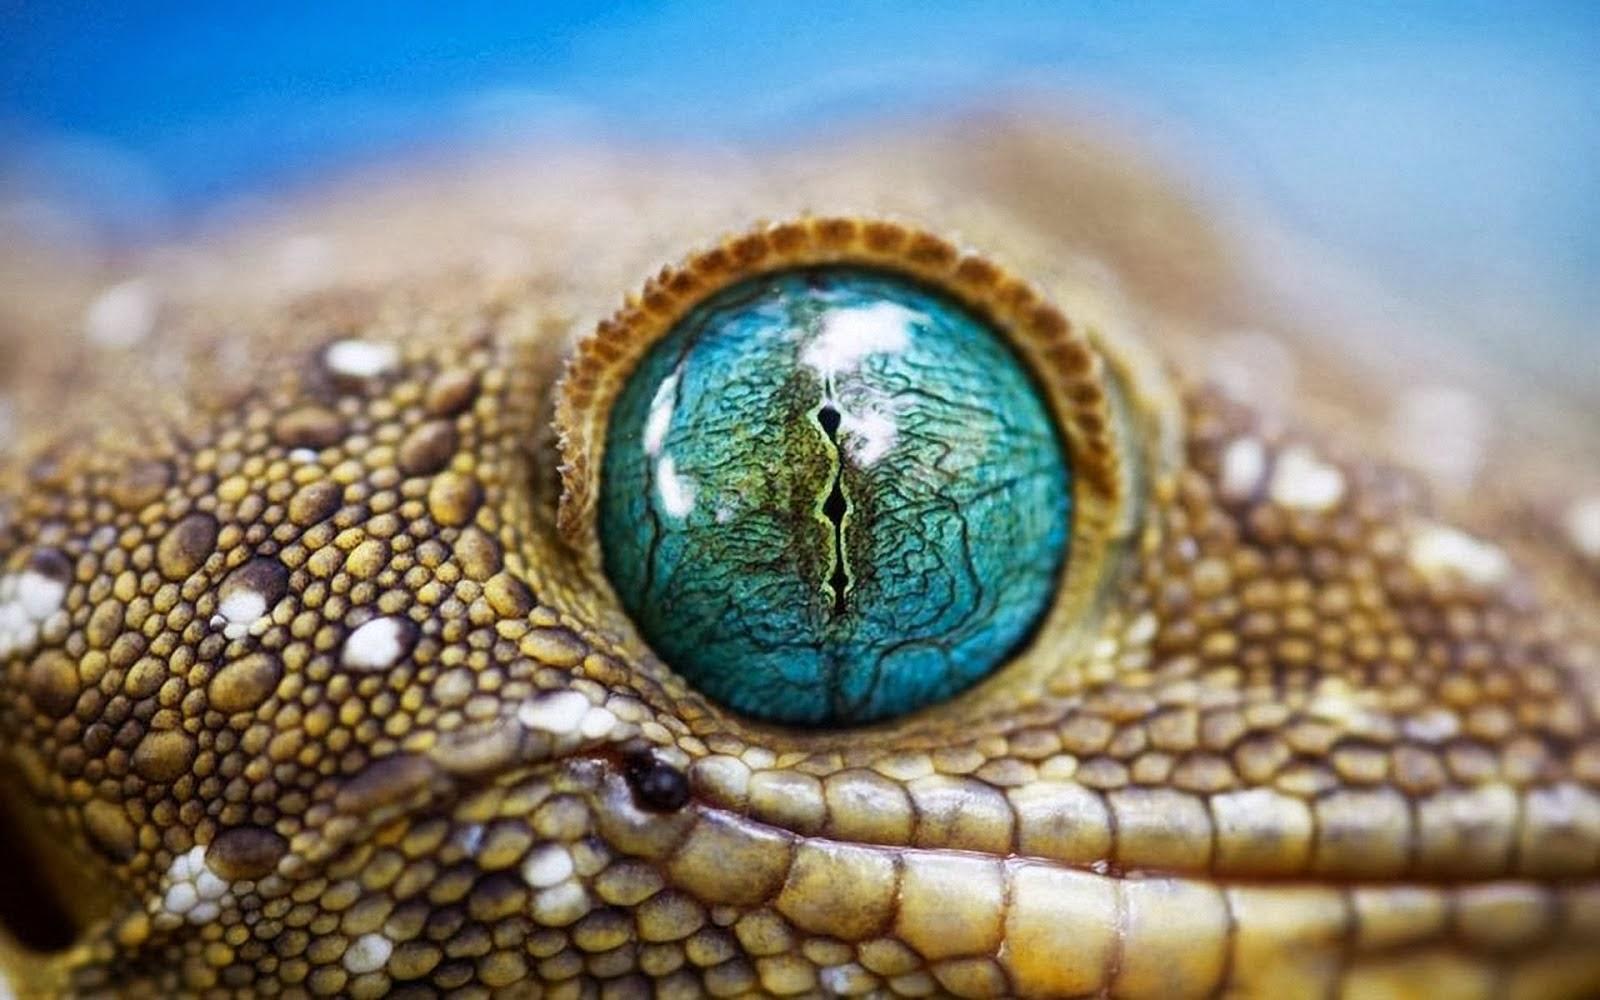 Gecko Wallpaper 16   1600 X 1000 stmednet 1600x1000